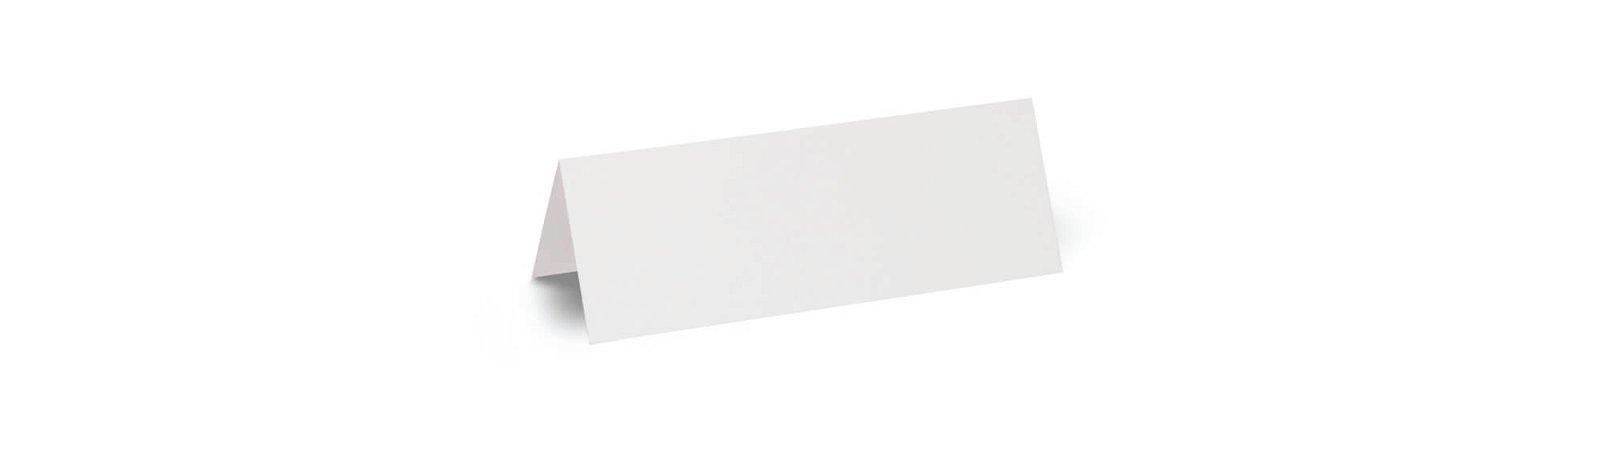 Namensschilder, 21 x 7,5  cm, 100 St./Pckg., weiß